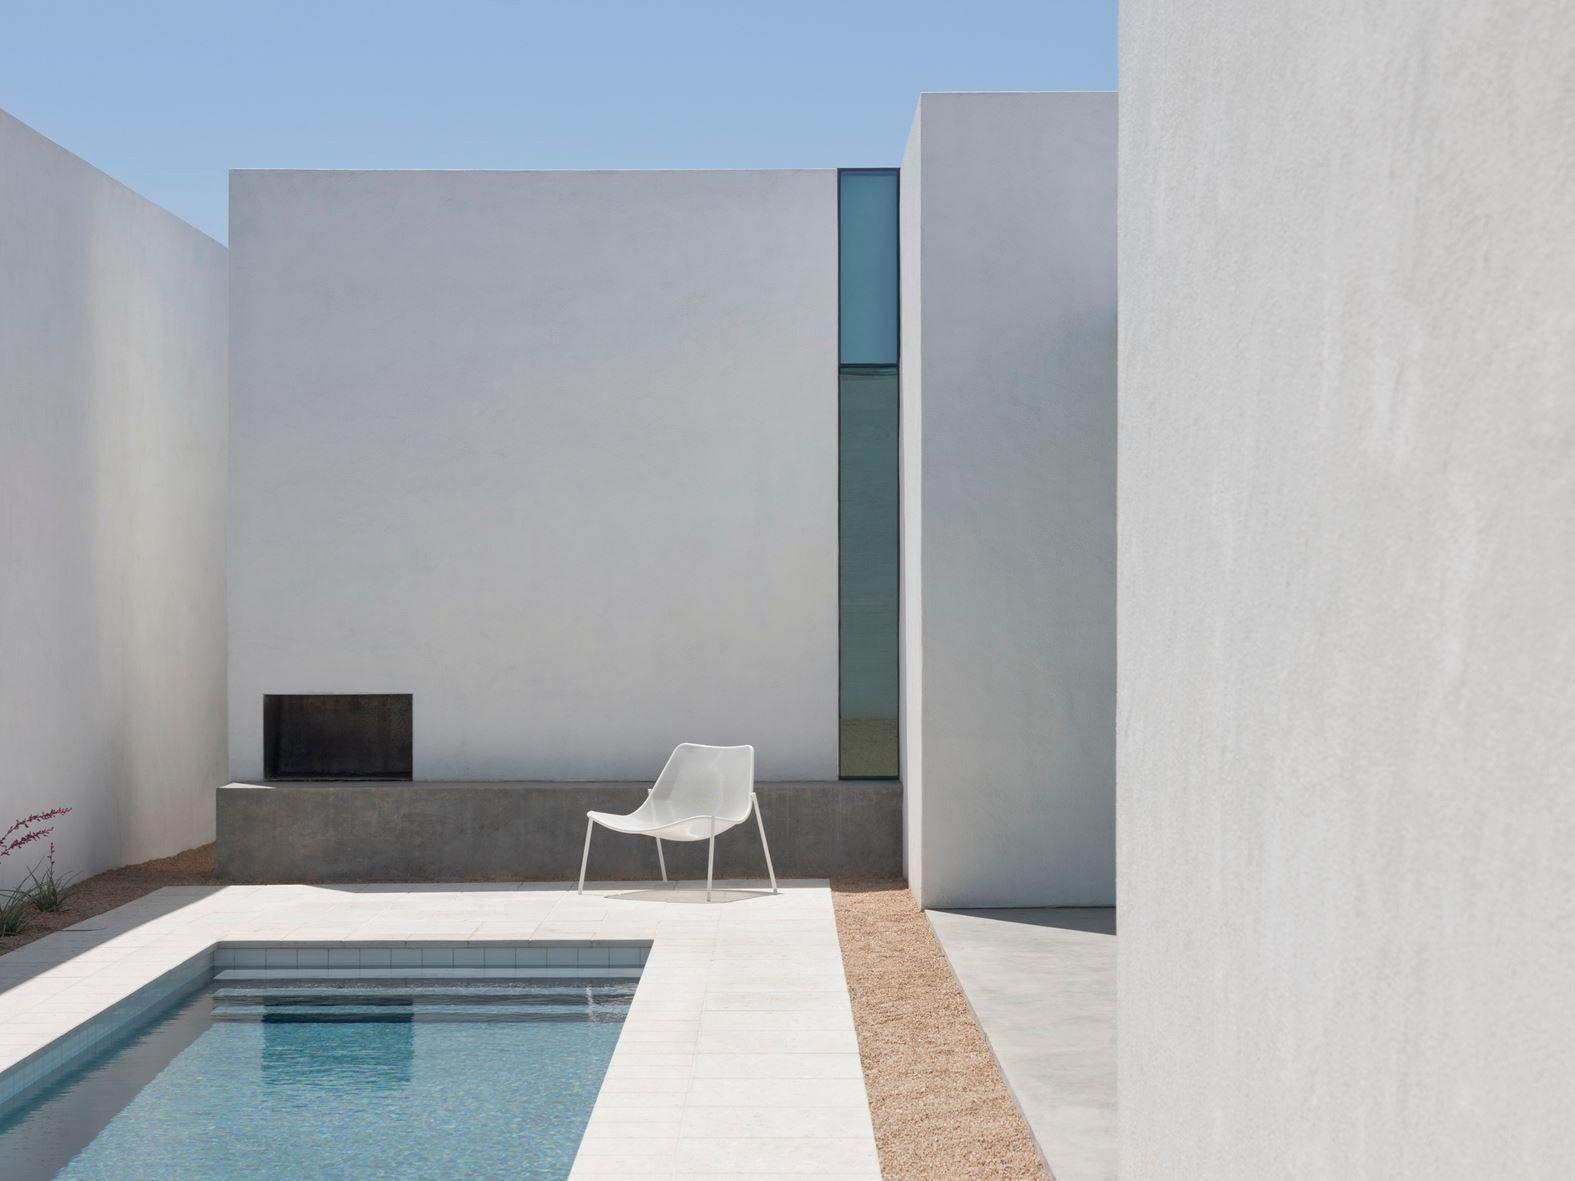 Stile minimalista nel Barrio Historico